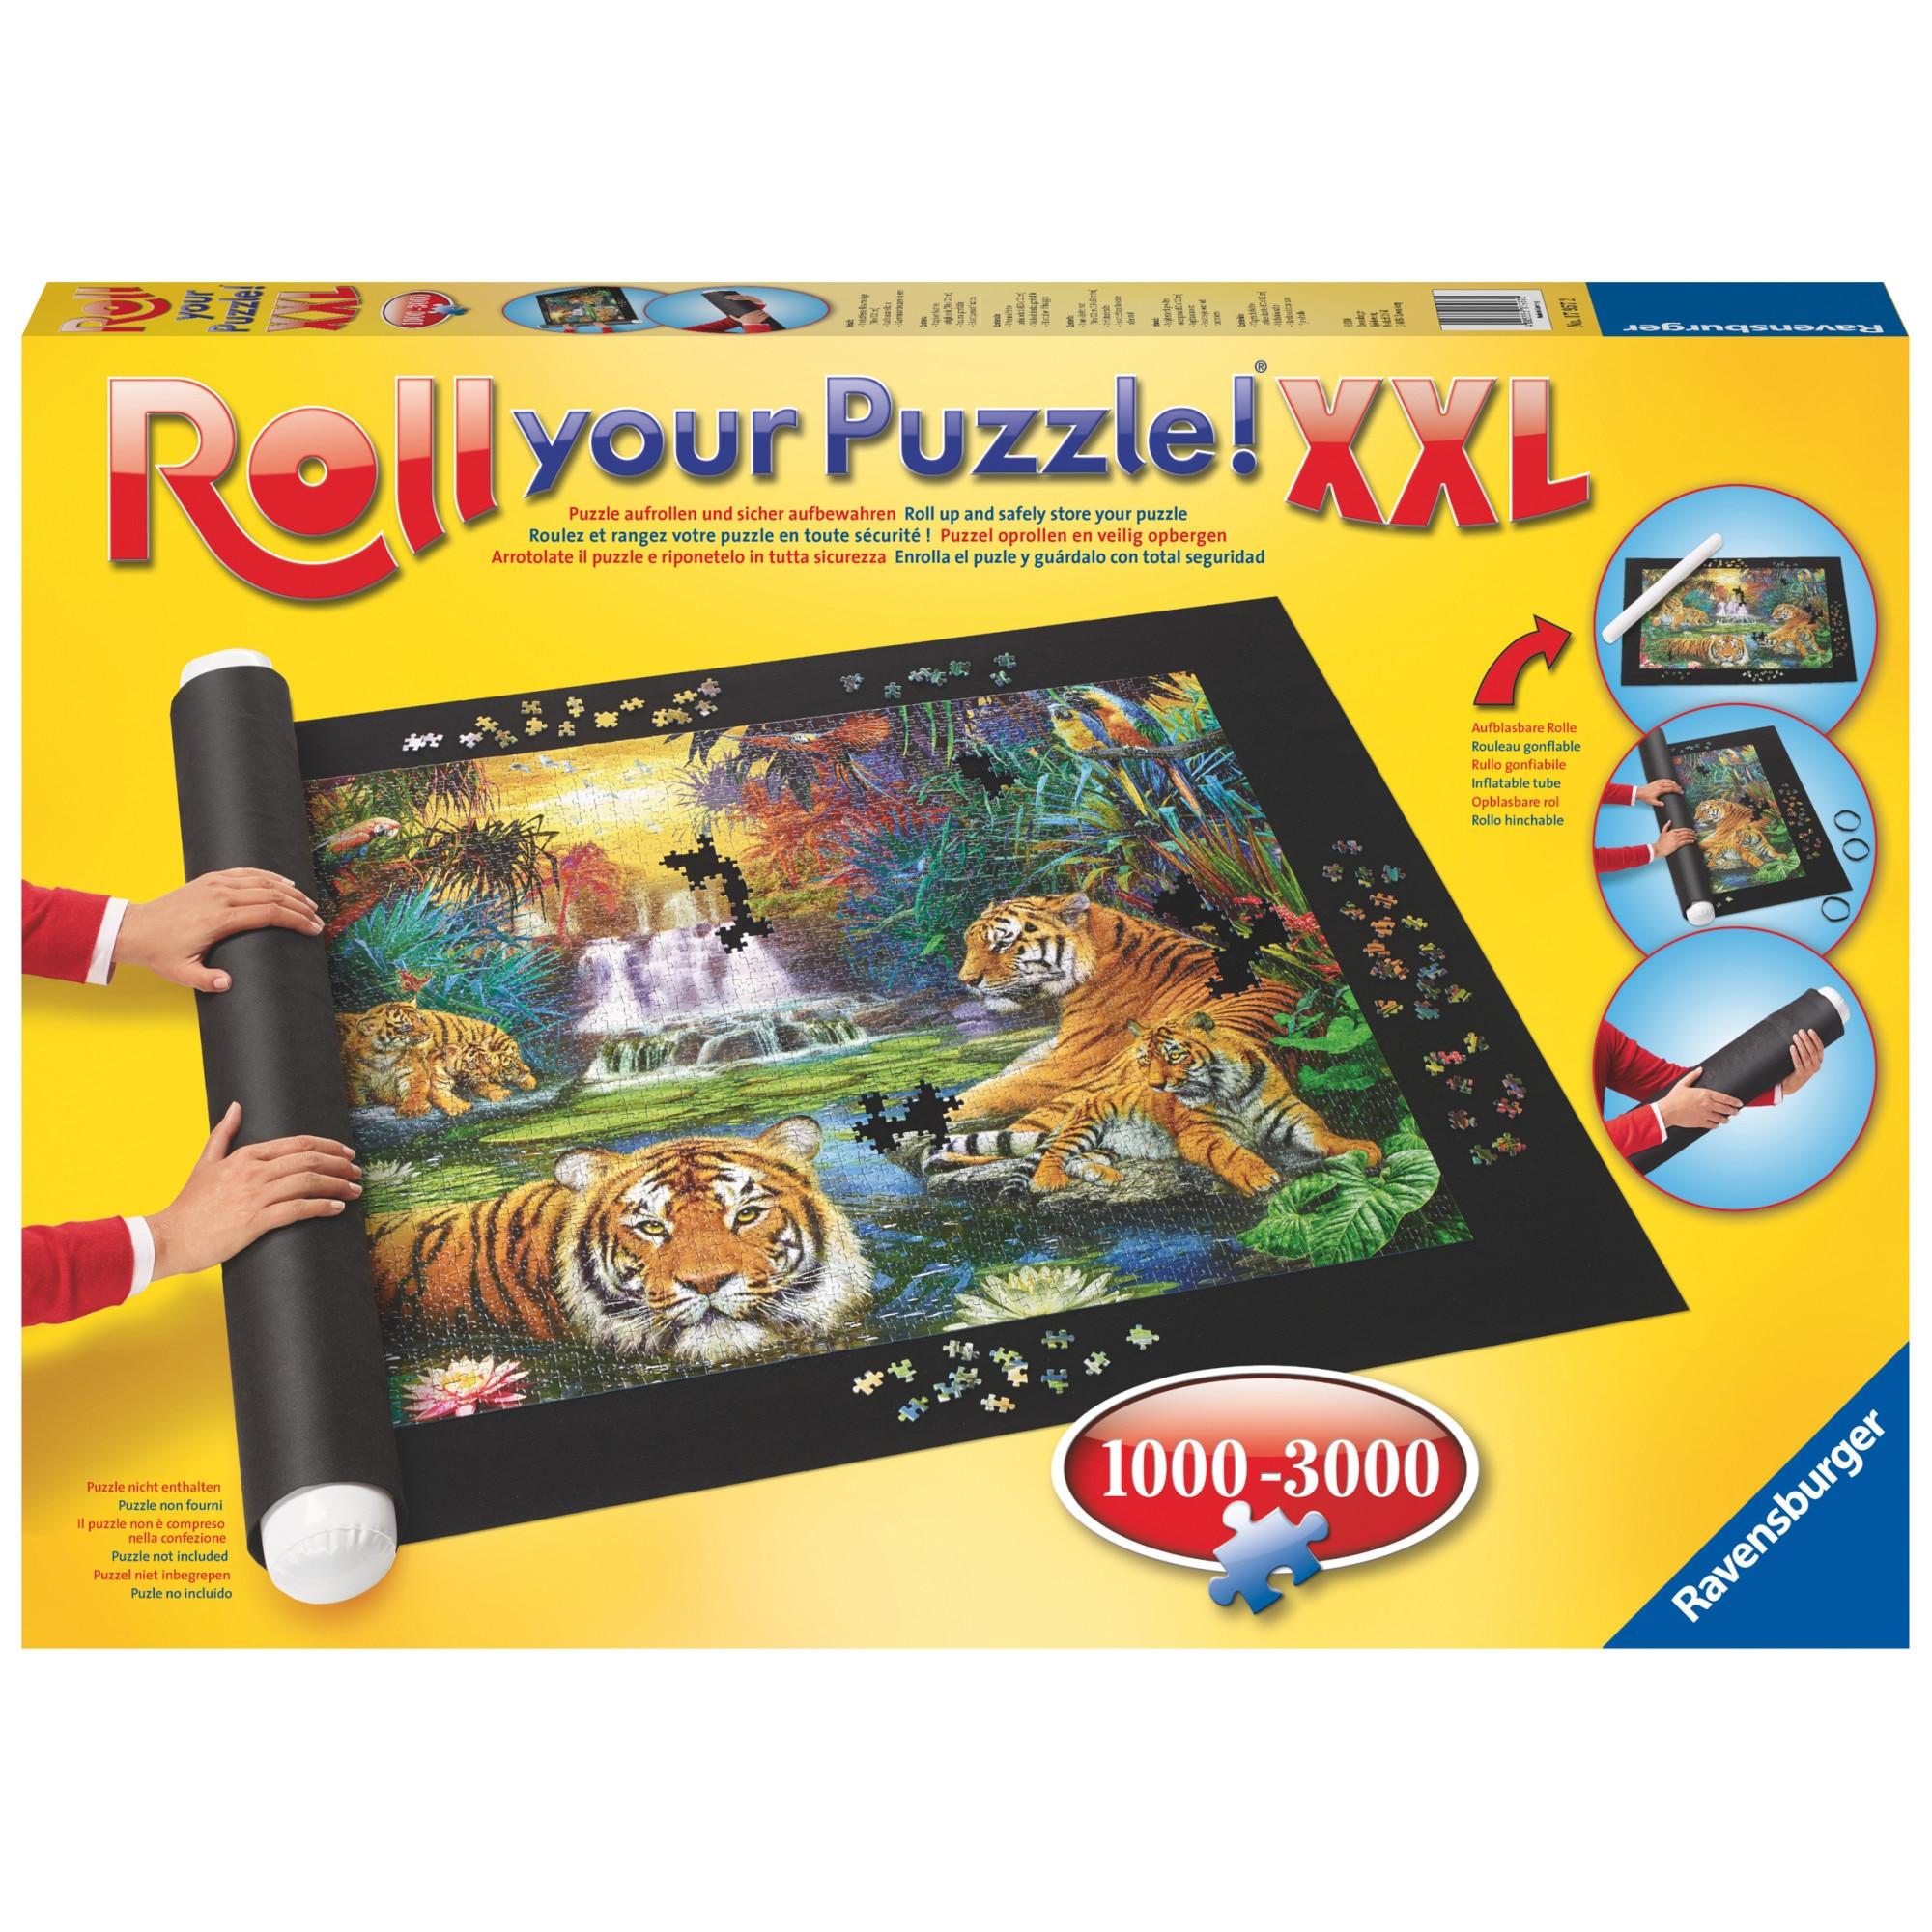 Fotografie Suport puzzle Ravensburger XXL, 1000 - 3000 piese